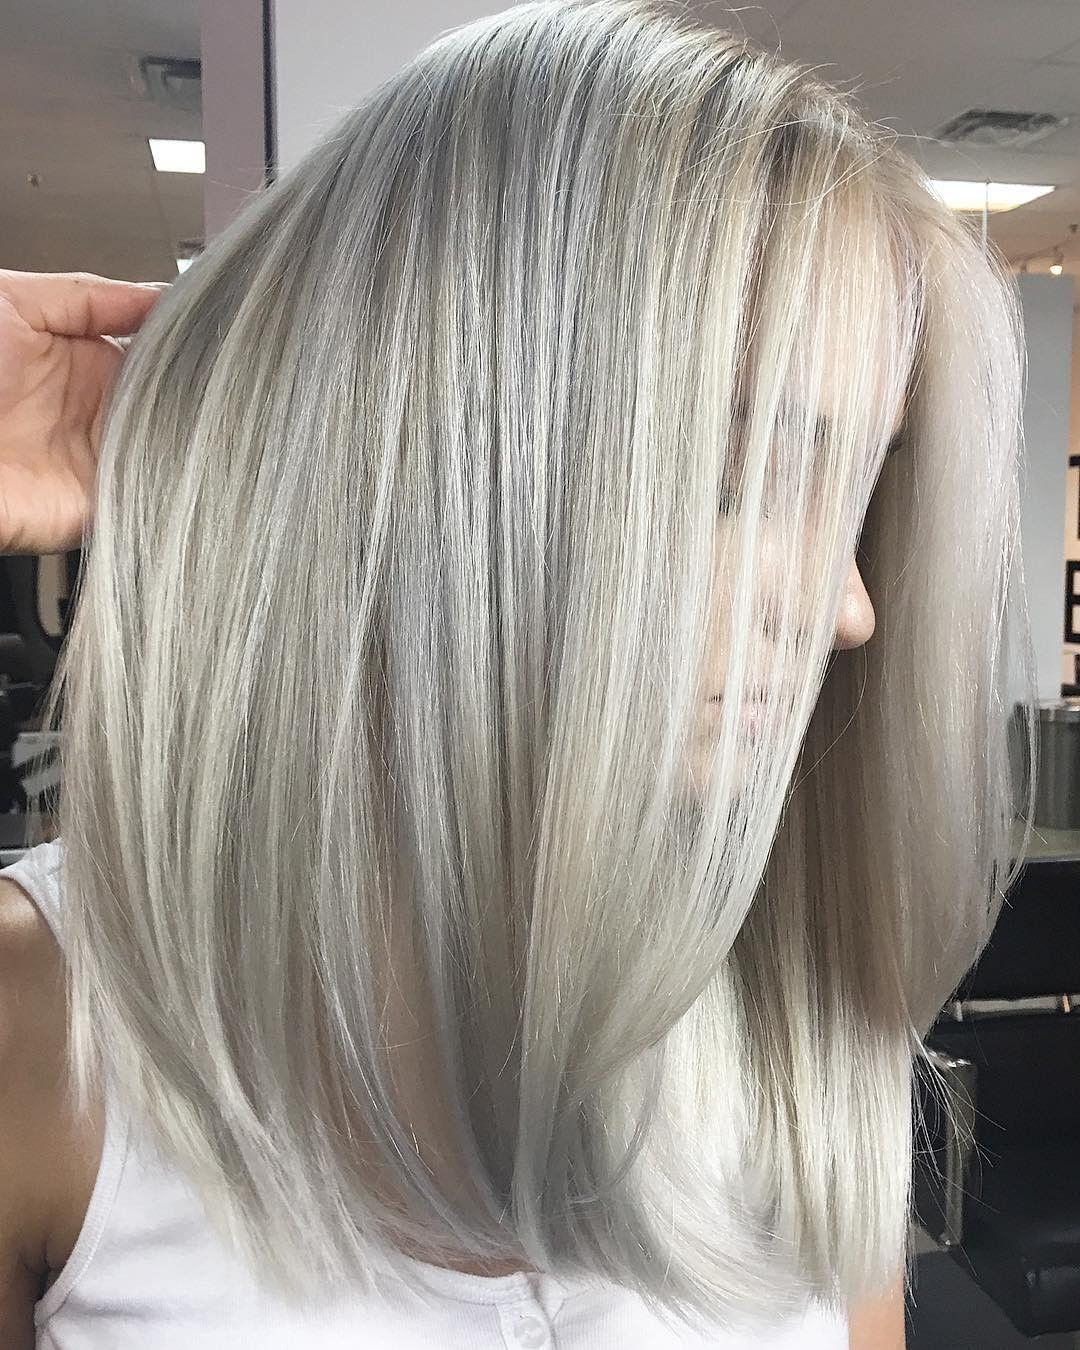 серые волосы 2019-2020 фото 2